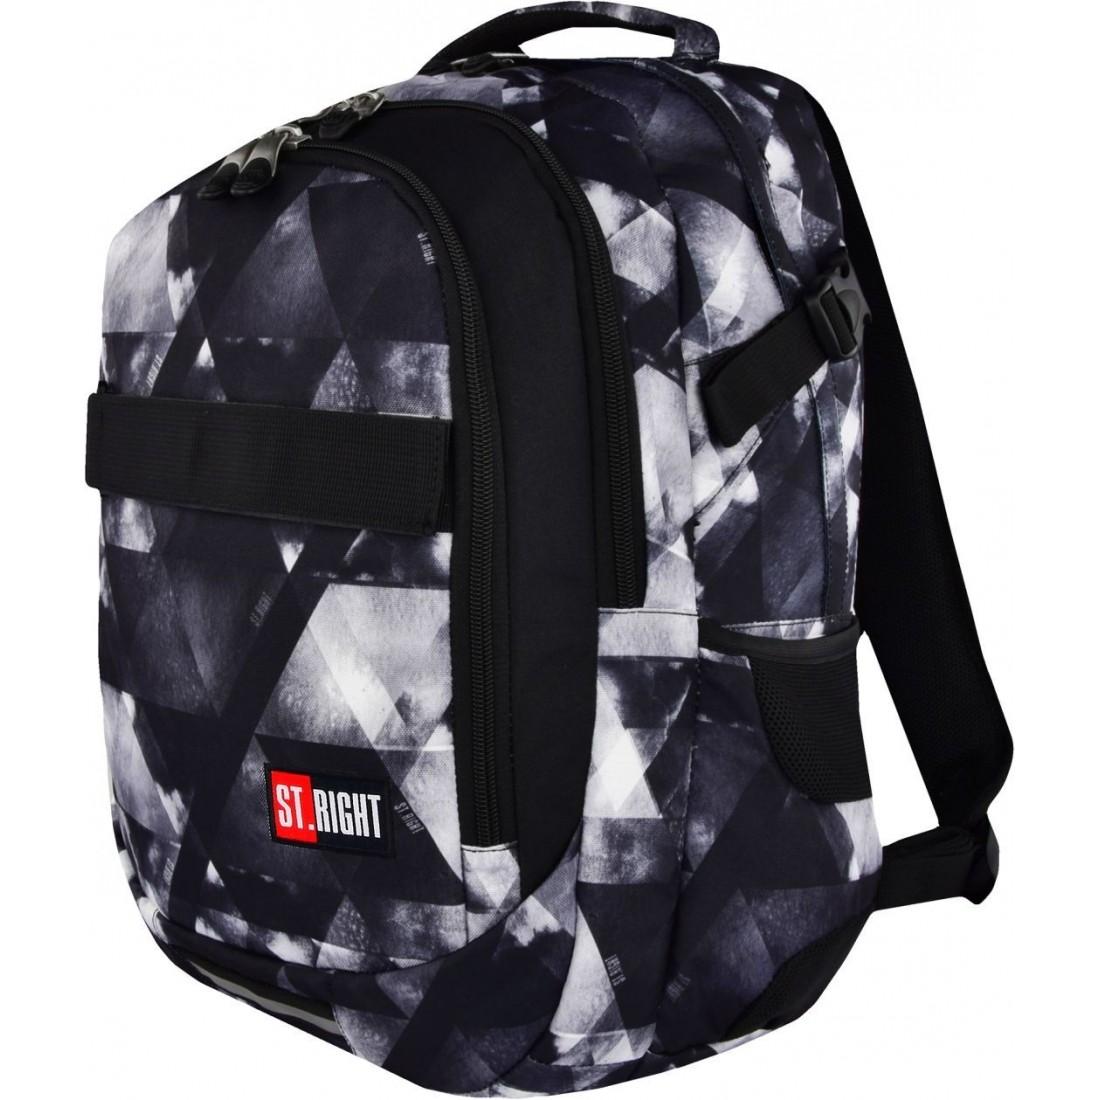 2f31aa29b1a61 Plecak młodzieżowy ST.RIGHT WATERCOLOUR szare cienie BP34 - duży i pojemny  plecak w stonowanych barwach idealny dla chłopaka, który przedkłada  klasyczne ...